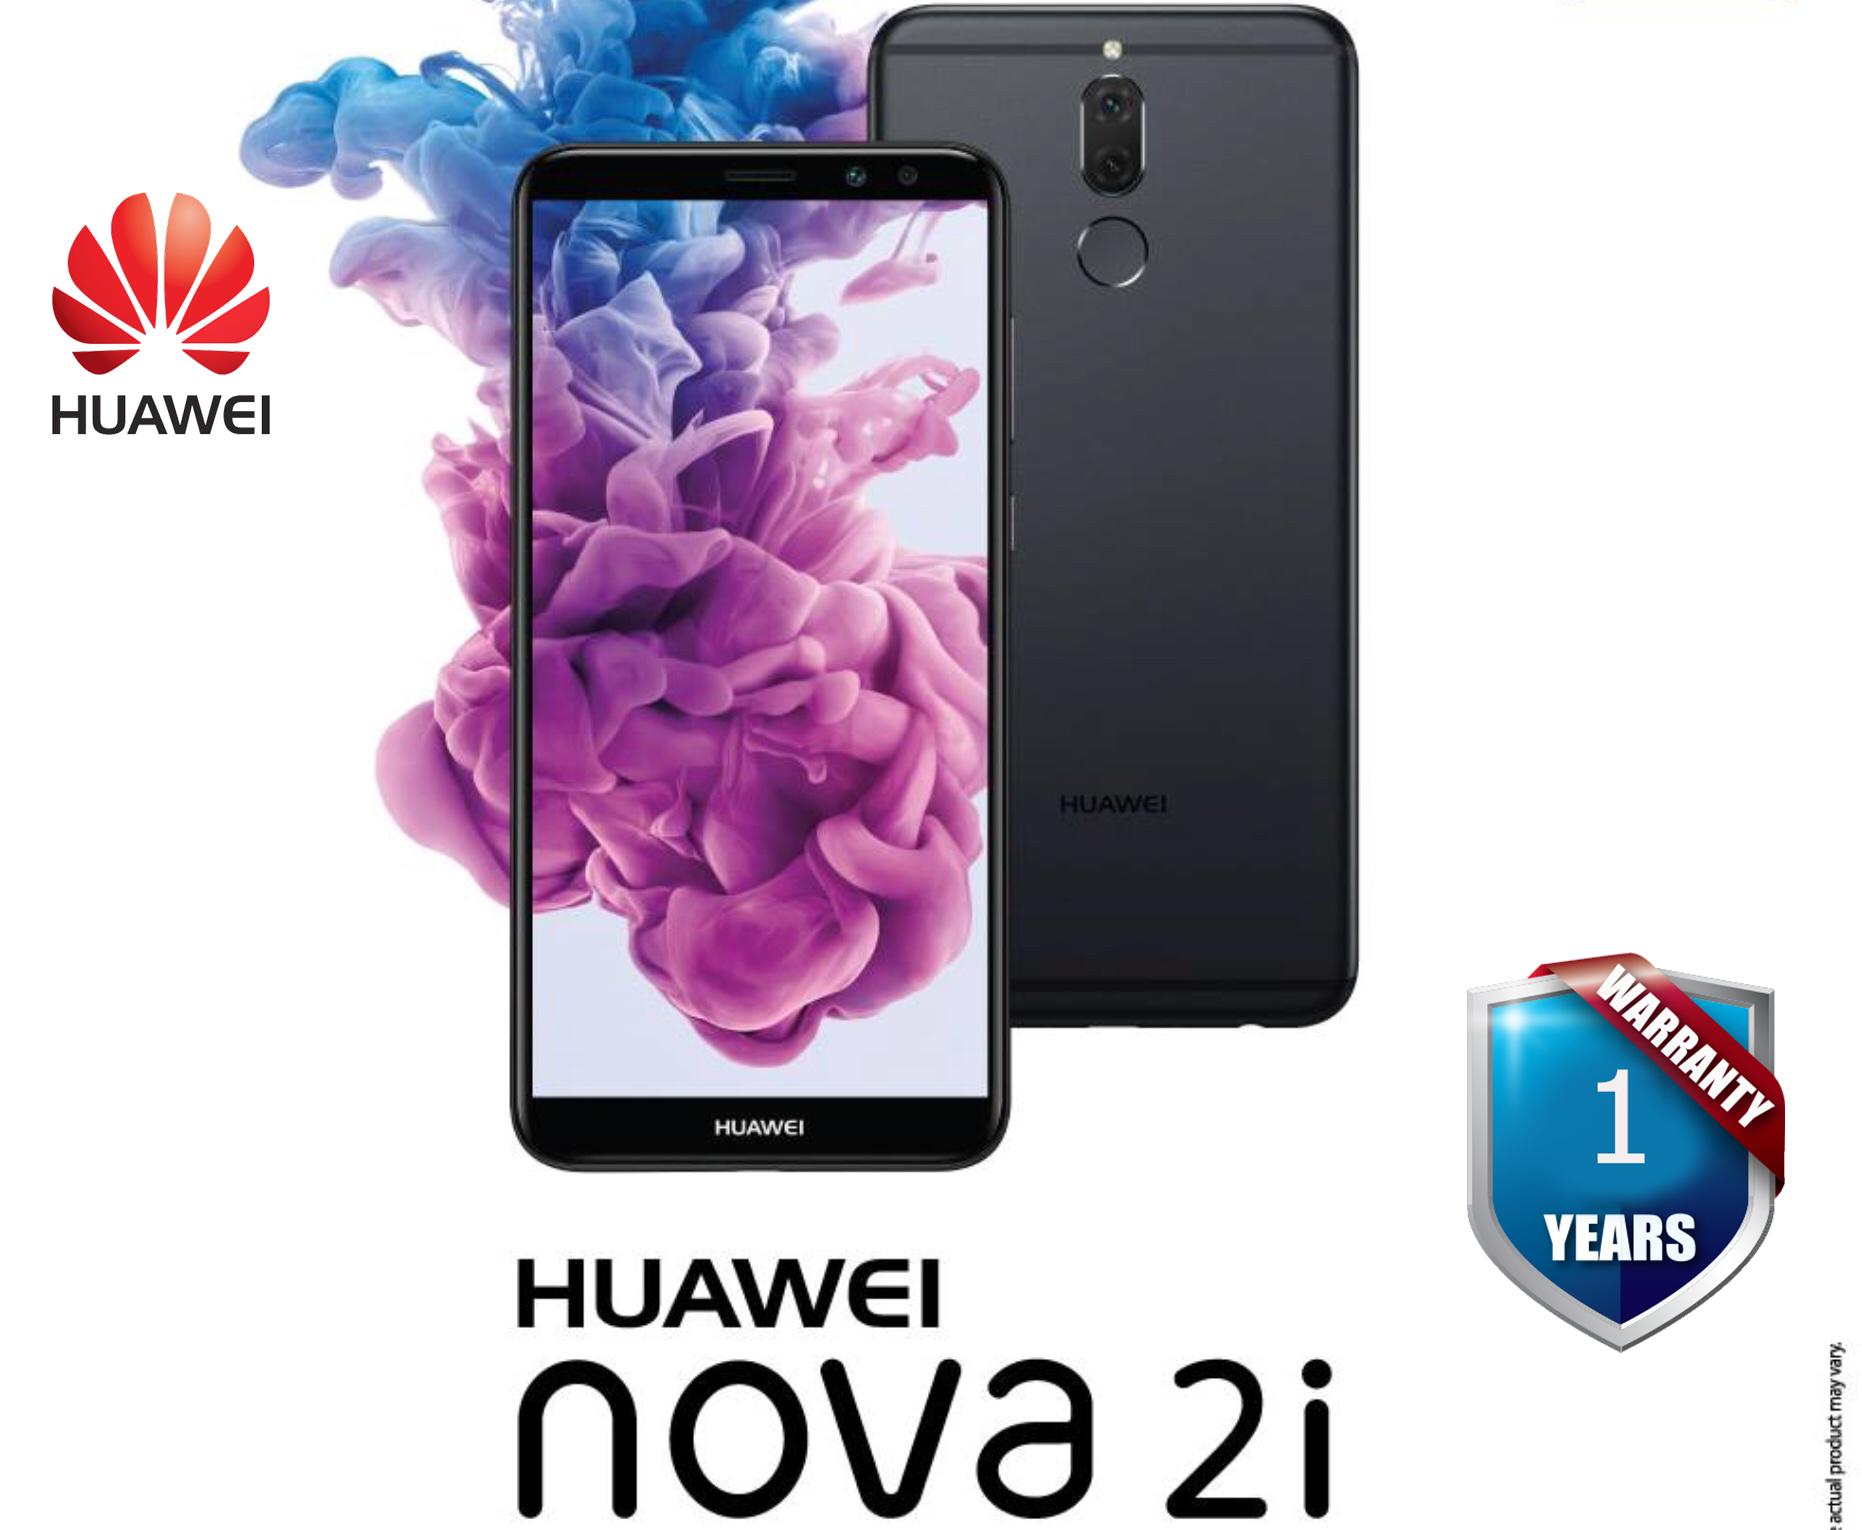 Huawei nova 2i สมาร์ทโฟนจากหัวเหว่ยมาพร้อมกล้องถ่ายรูป 4 ตัว